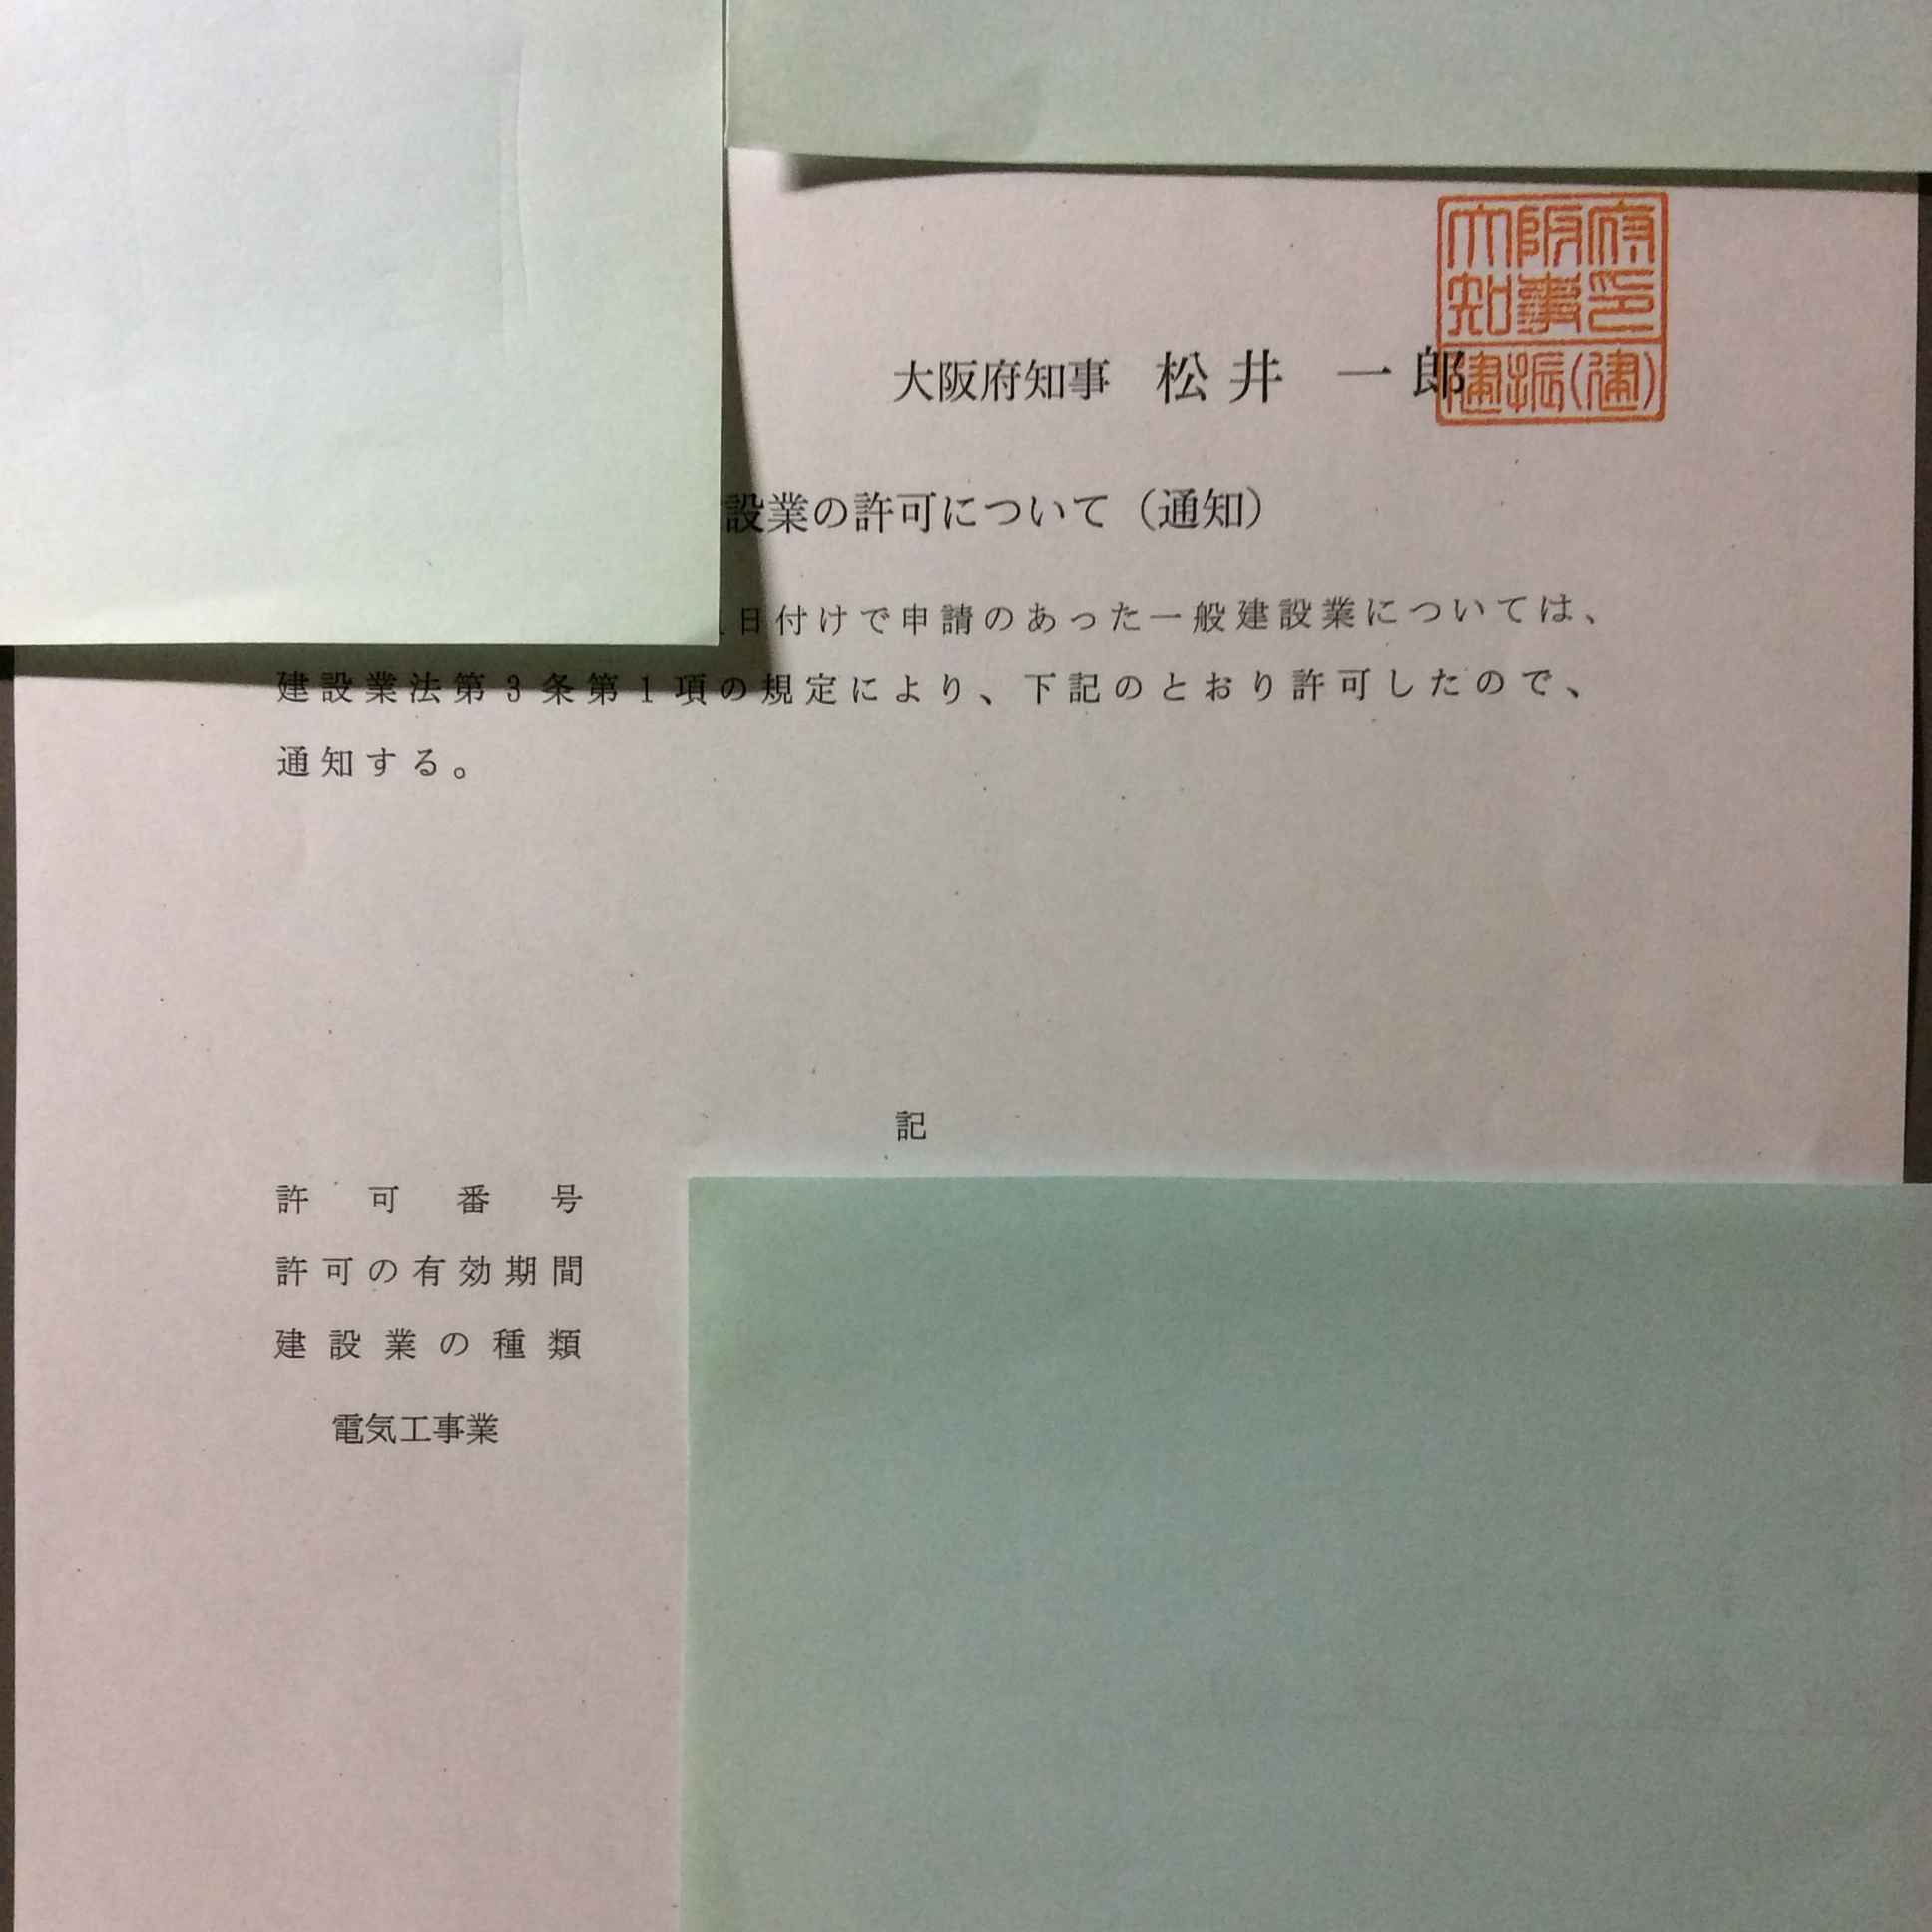 大阪府知事建設業許可業者様 建設業許可証